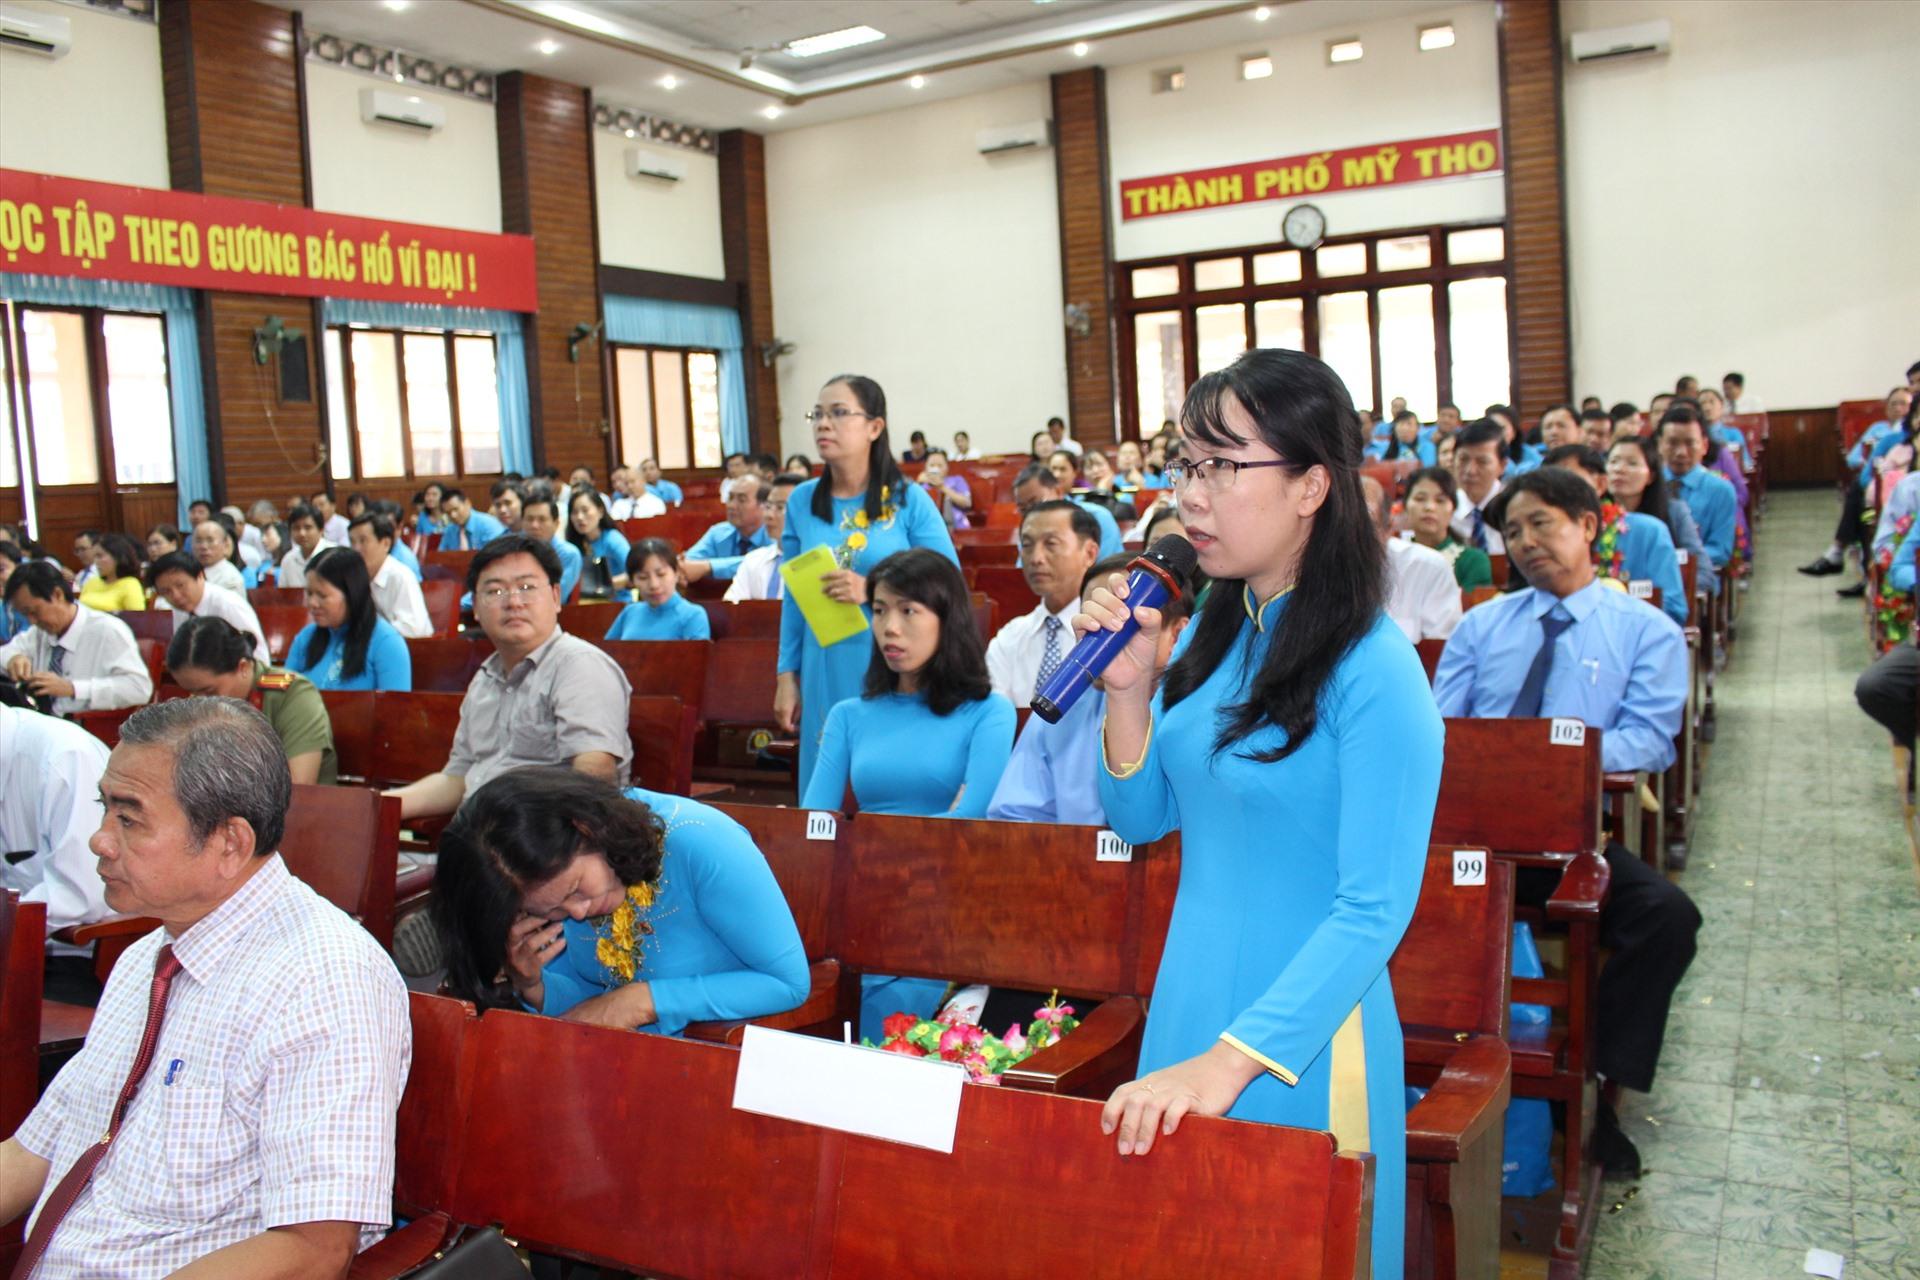 Cán bộ công đoàn nữ tỉnh Tiền Giang mặc áo dài công đoàn tại cuộc đối thoại với Chủ tịch UBND tỉnh. Ảnh: K.Q